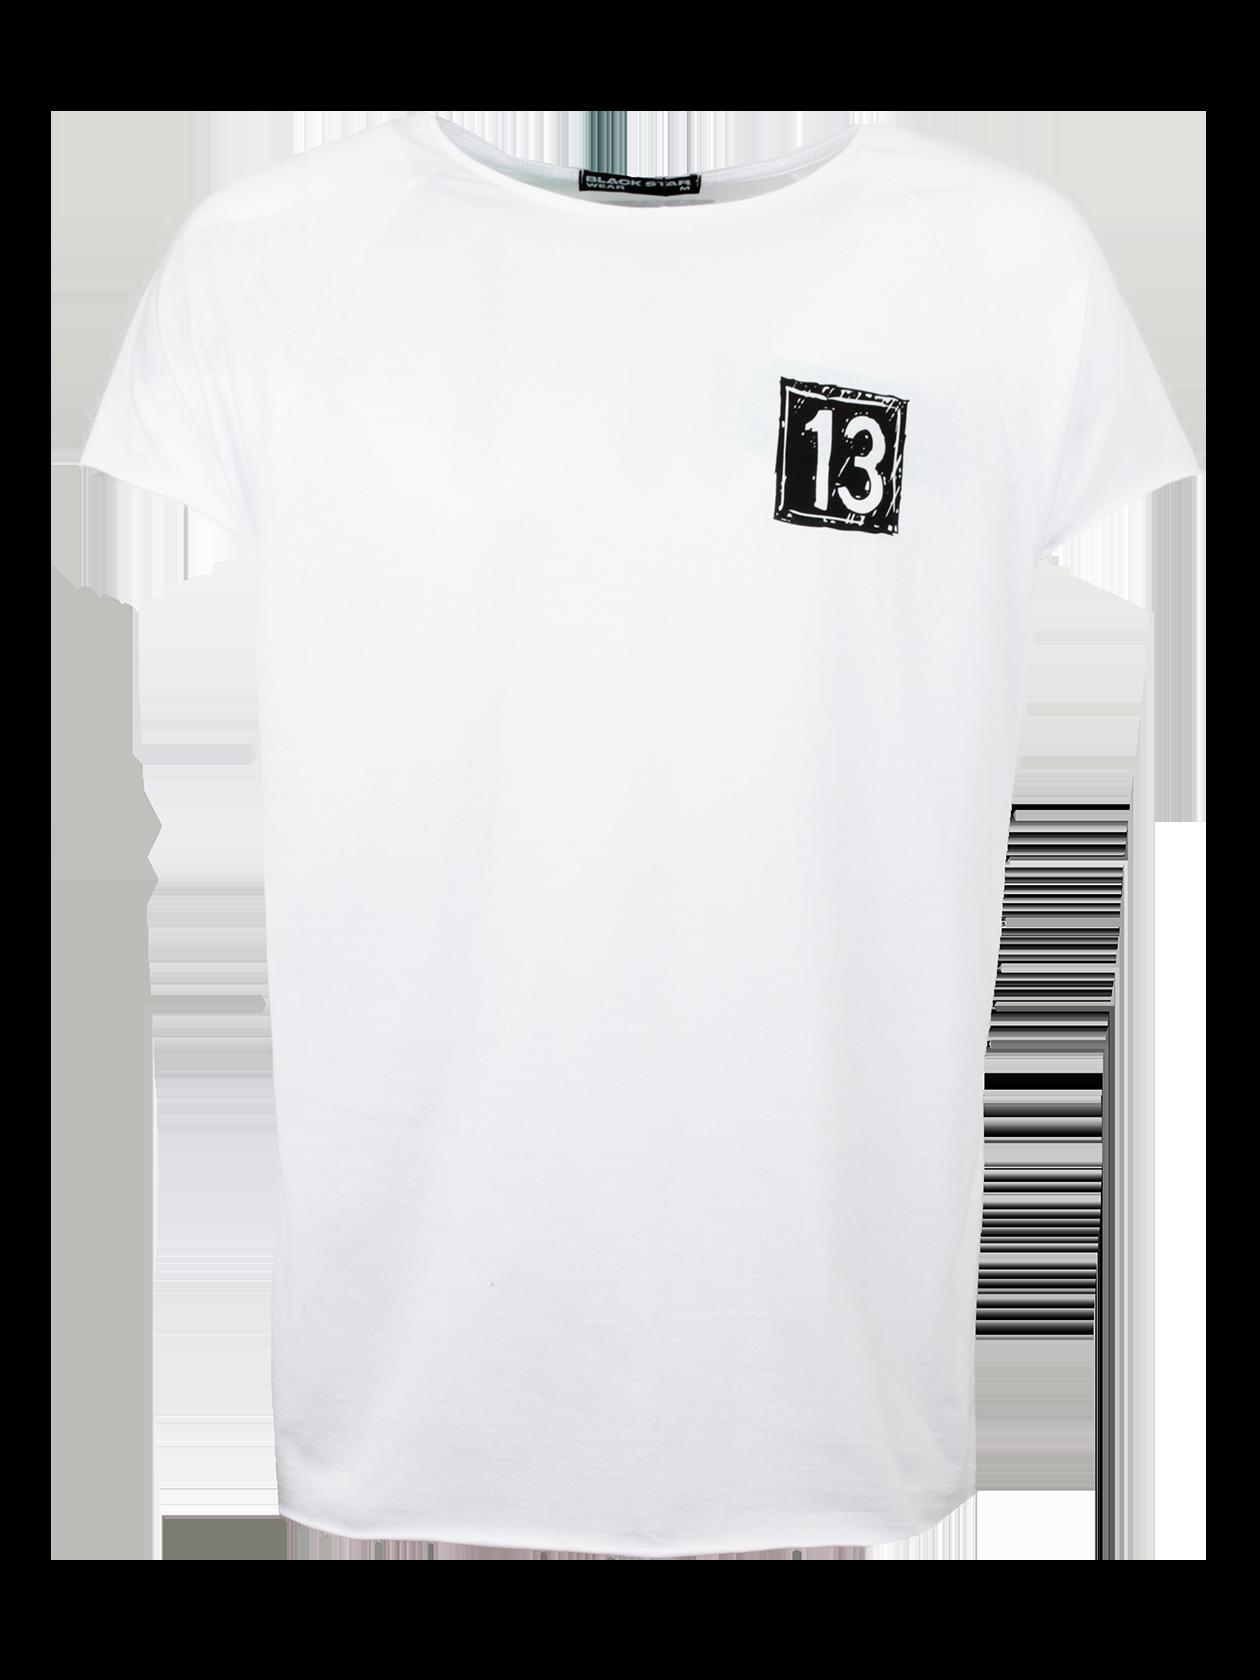 Футболка мужская DRAW BLACK STARУдобная футболка мужская Draw Black Star – идеальное решение для спорта и отдыха. Модель классического кроя с прямым, свободным силуэтом, дополнена коротким рукавом регланом. Неглубокая горловина содержит жаккардовую нашивку с логотипом бренда Black Star Wear на внутренней стороне спинки. Изделие представлено в базовой черной расцветке. На груди небольшой принт в виде белого квадрата с цифрой 13, вдоль центра спины оформлена декоративная белая полоска с надписью Black Star и звездами. Высококачественный хлопок обеспечивает отличный воздухообмен, создавая максимальный комфорт движений.<br><br>Размер: XS<br>Цвет: Белый<br>Пол: Мужской